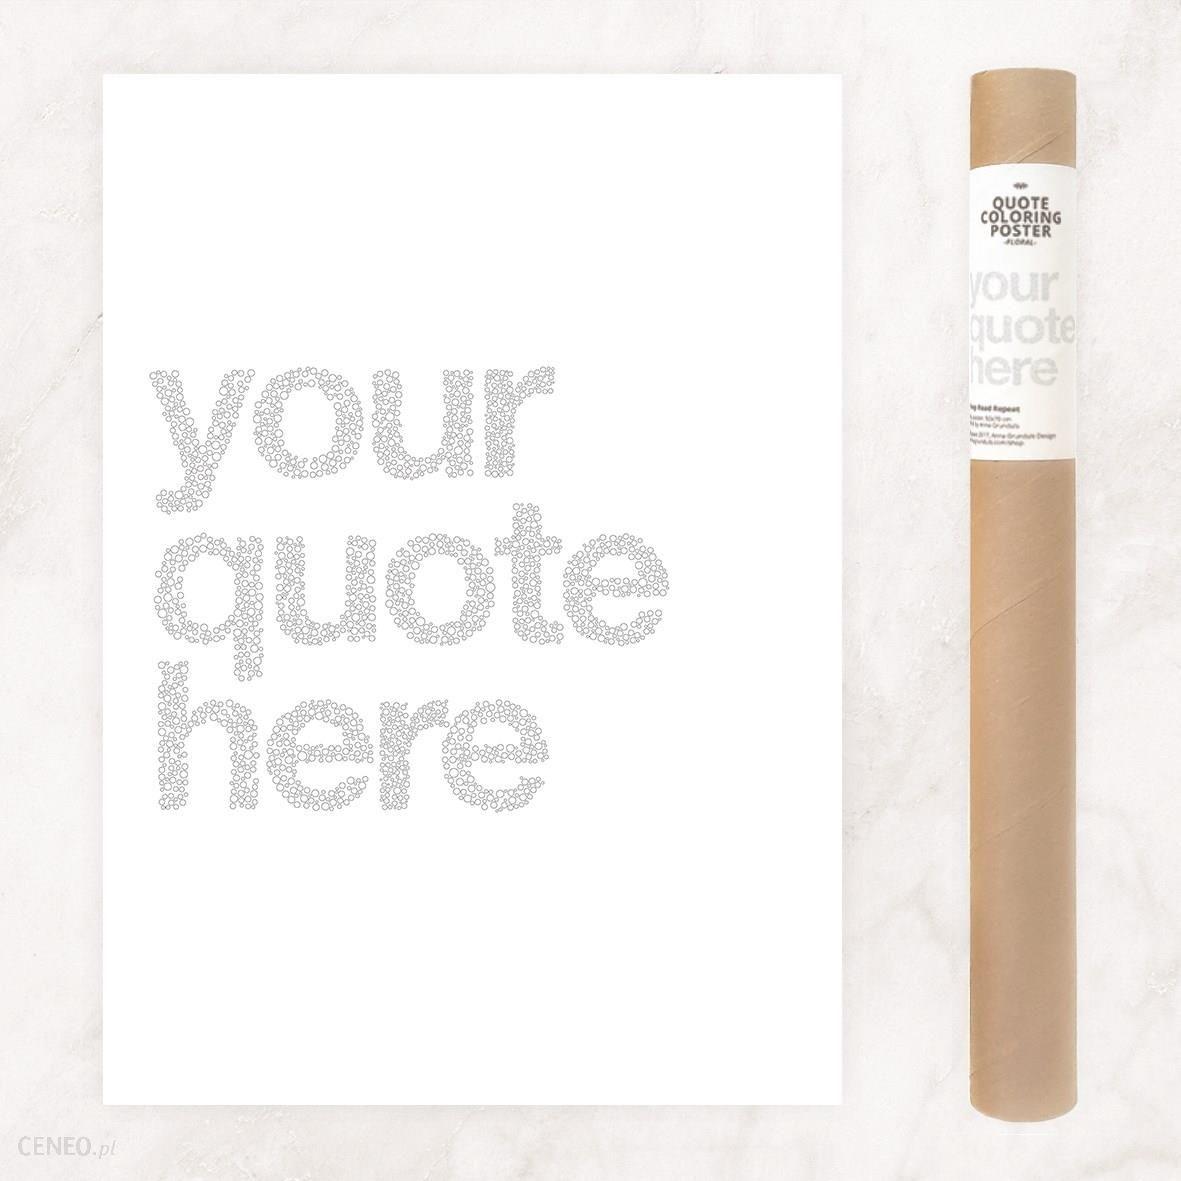 Plakat Do Kolorowania Z Twoim Tekstem Wzór Z Bąbelkami